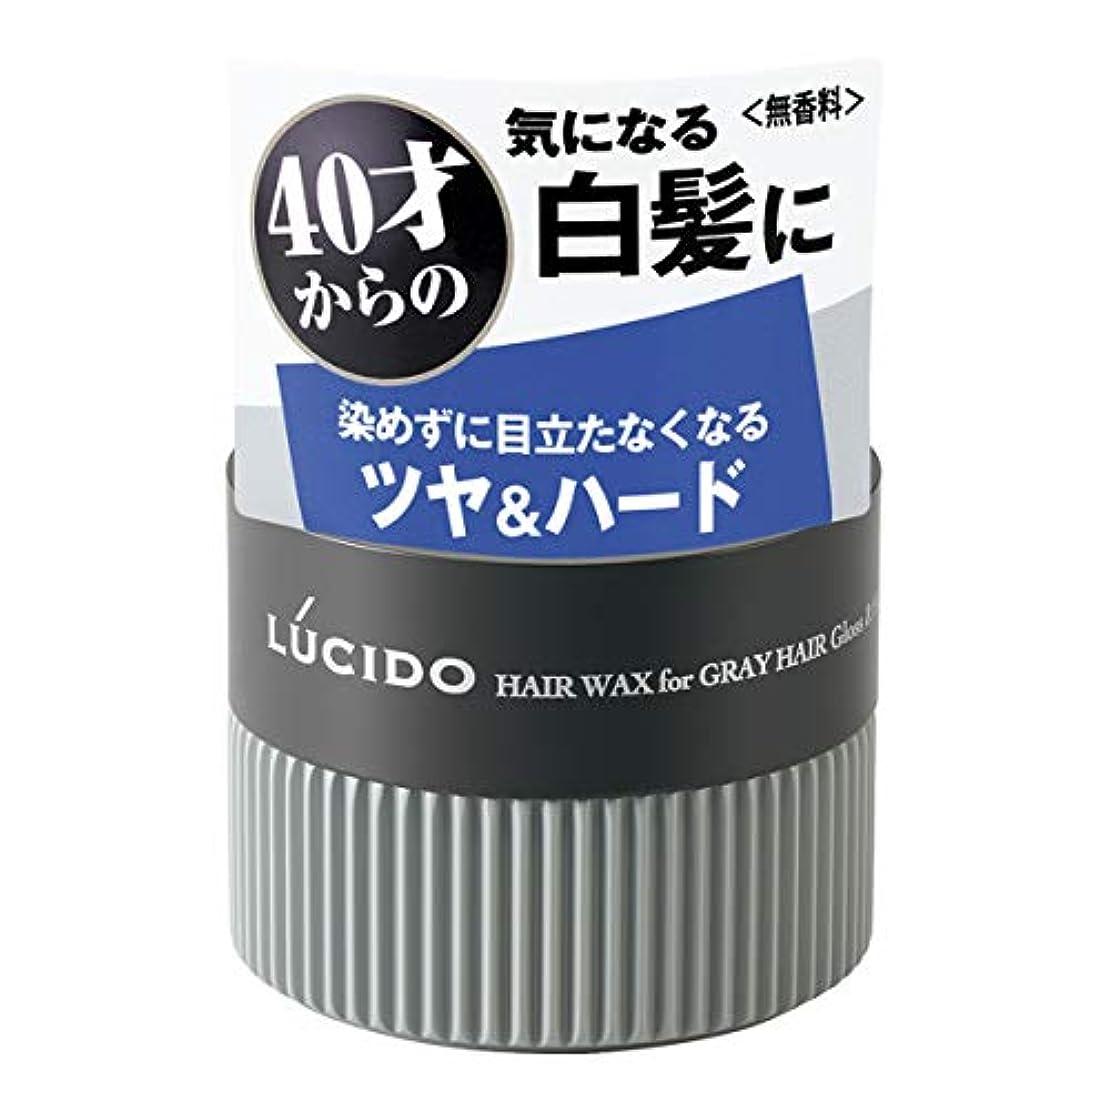 殺人者ゴールドアジアLUCIDO(ルシード) ヘアワックス 白髪用ワックス グロス&ハード 80g